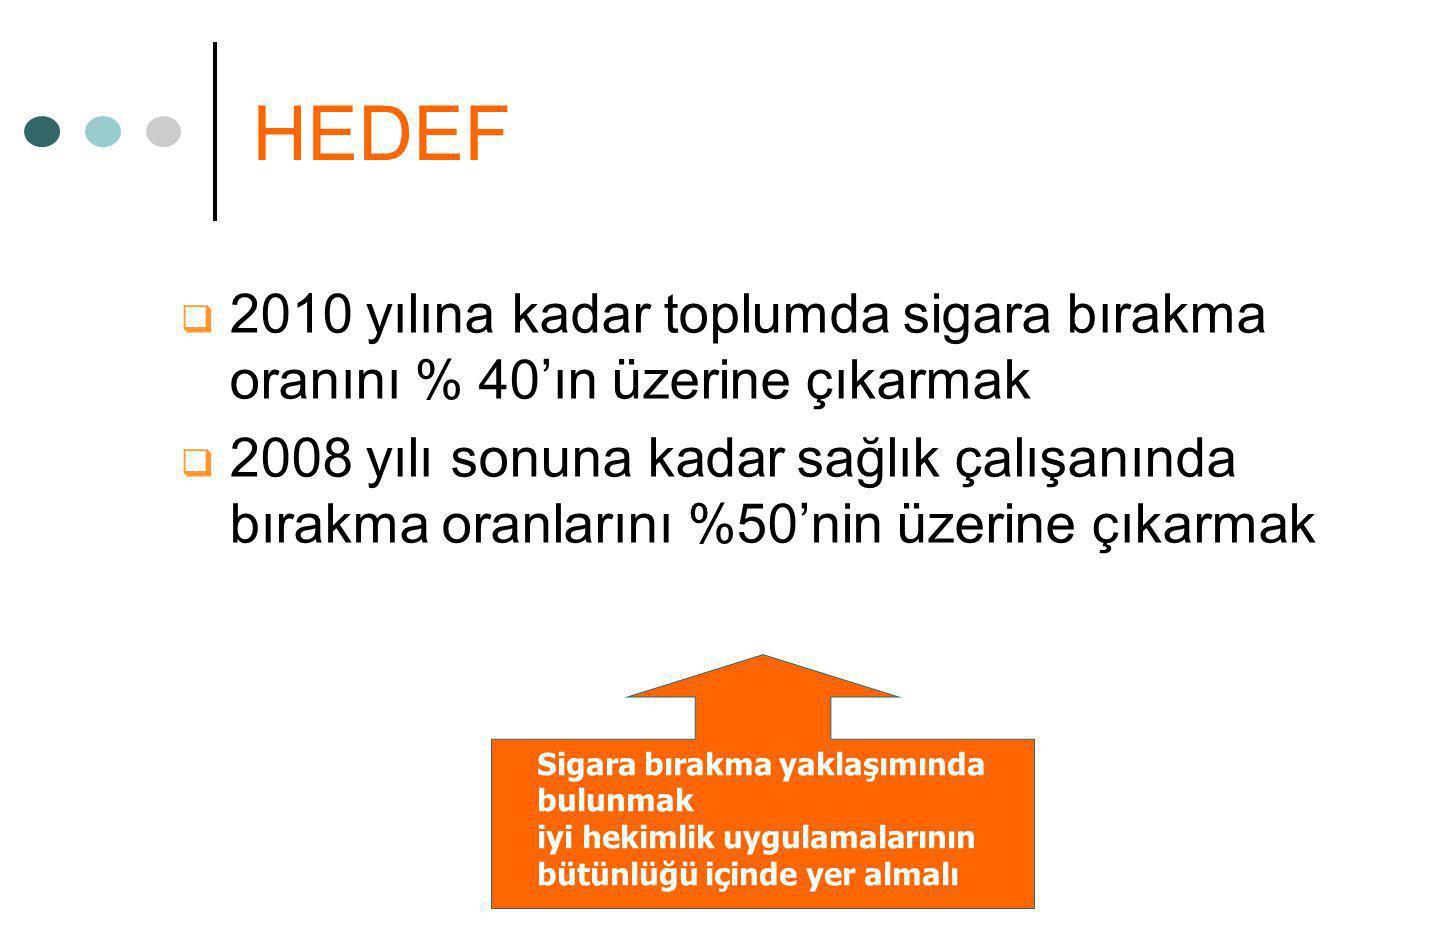 HEDEF 2010 yılına kadar toplumda sigara bırakma oranını % 40'ın üzerine çıkarmak.